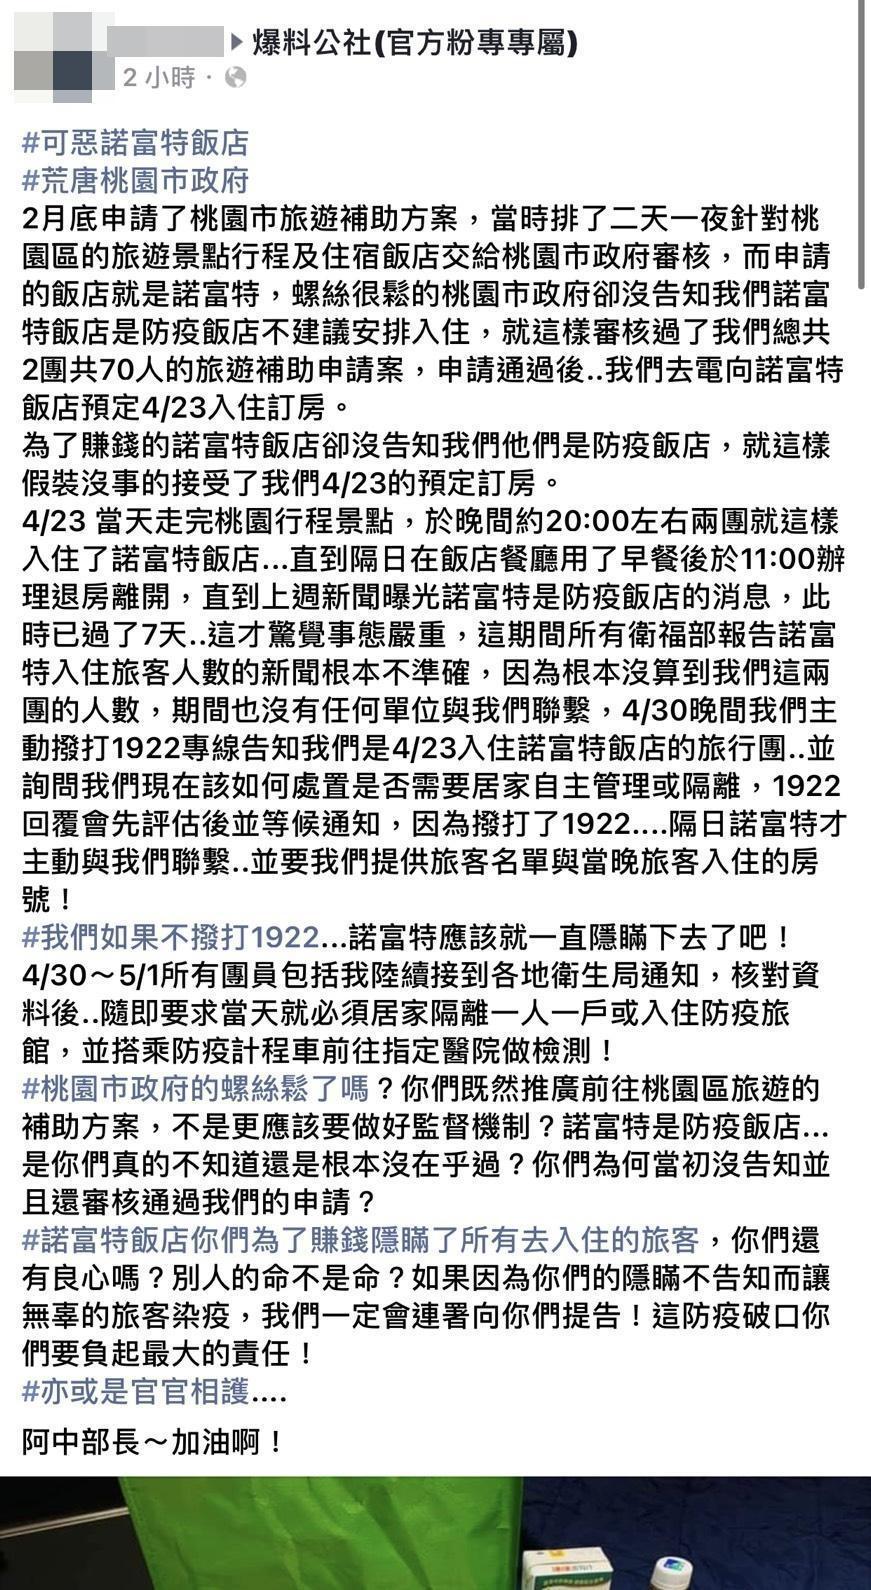 有網友在《爆料公社》指諾富特隱匿70人入住紀錄。(翻攝自臉書《爆料公社》)